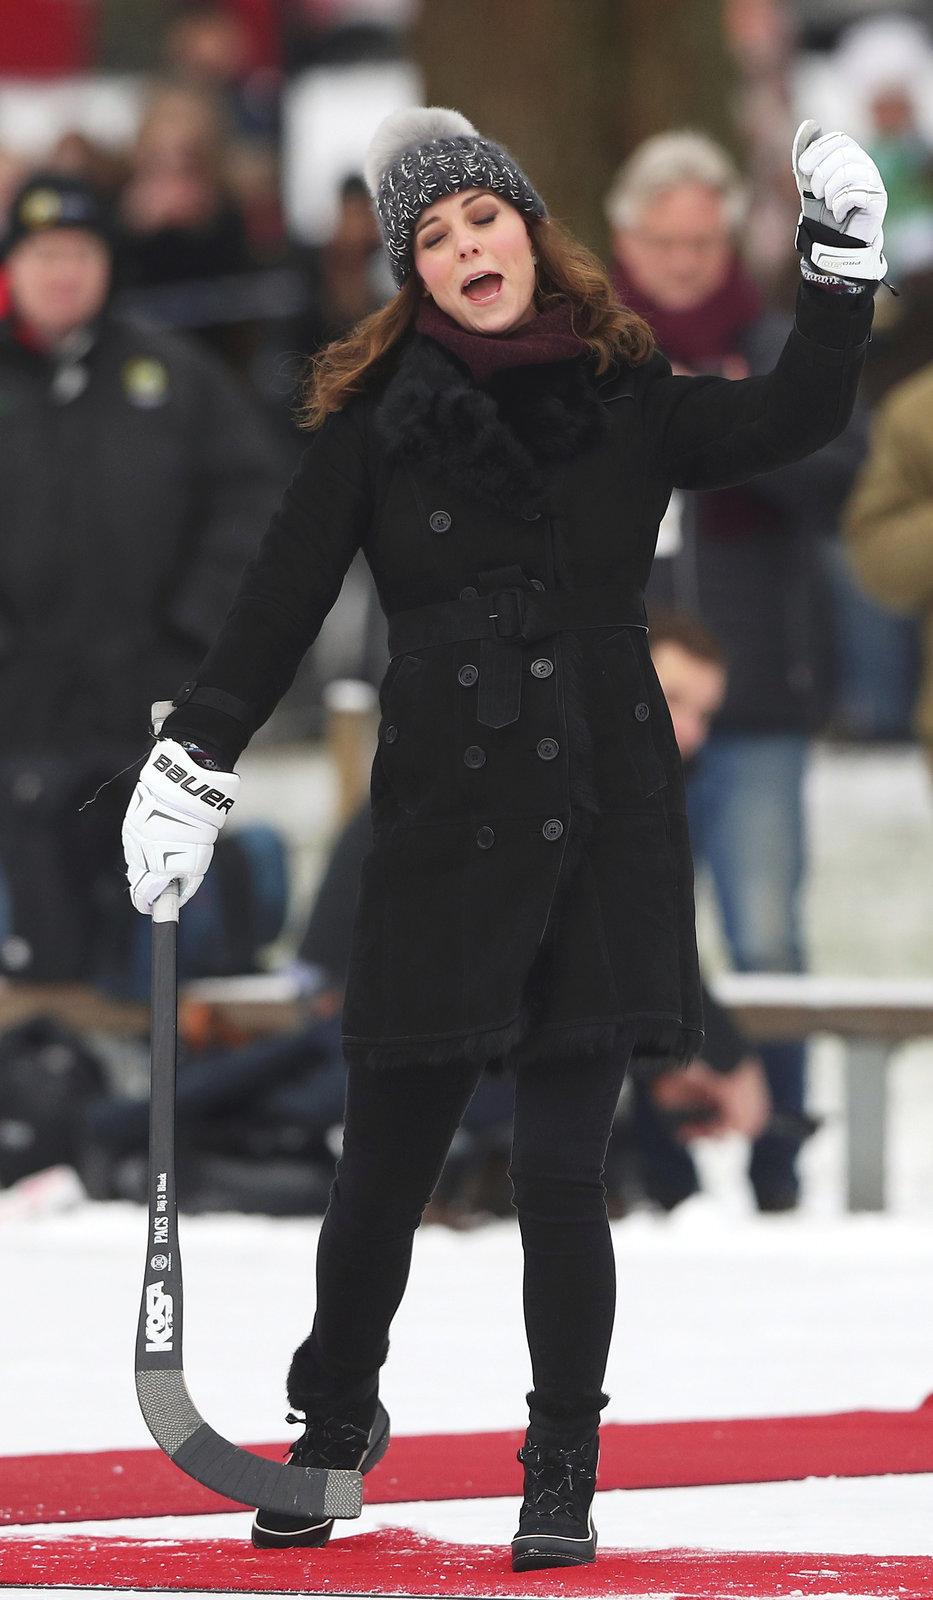 Krásná Kate se při bandy hokeji bavila doslova královsky.